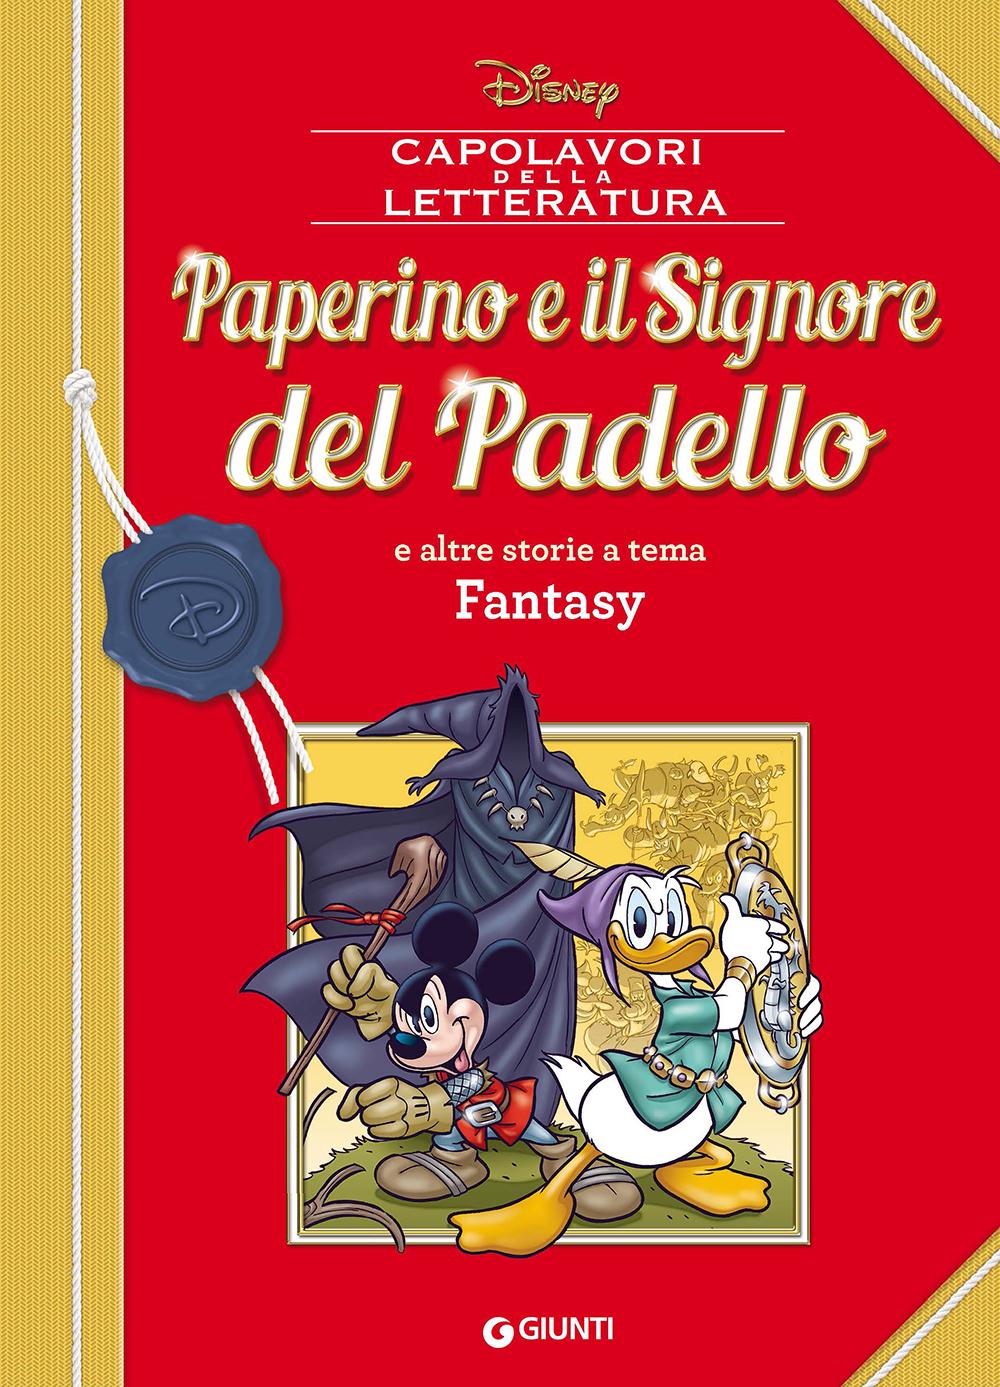 Capolavori della Letteratura - Paperino e il Signore del Padello